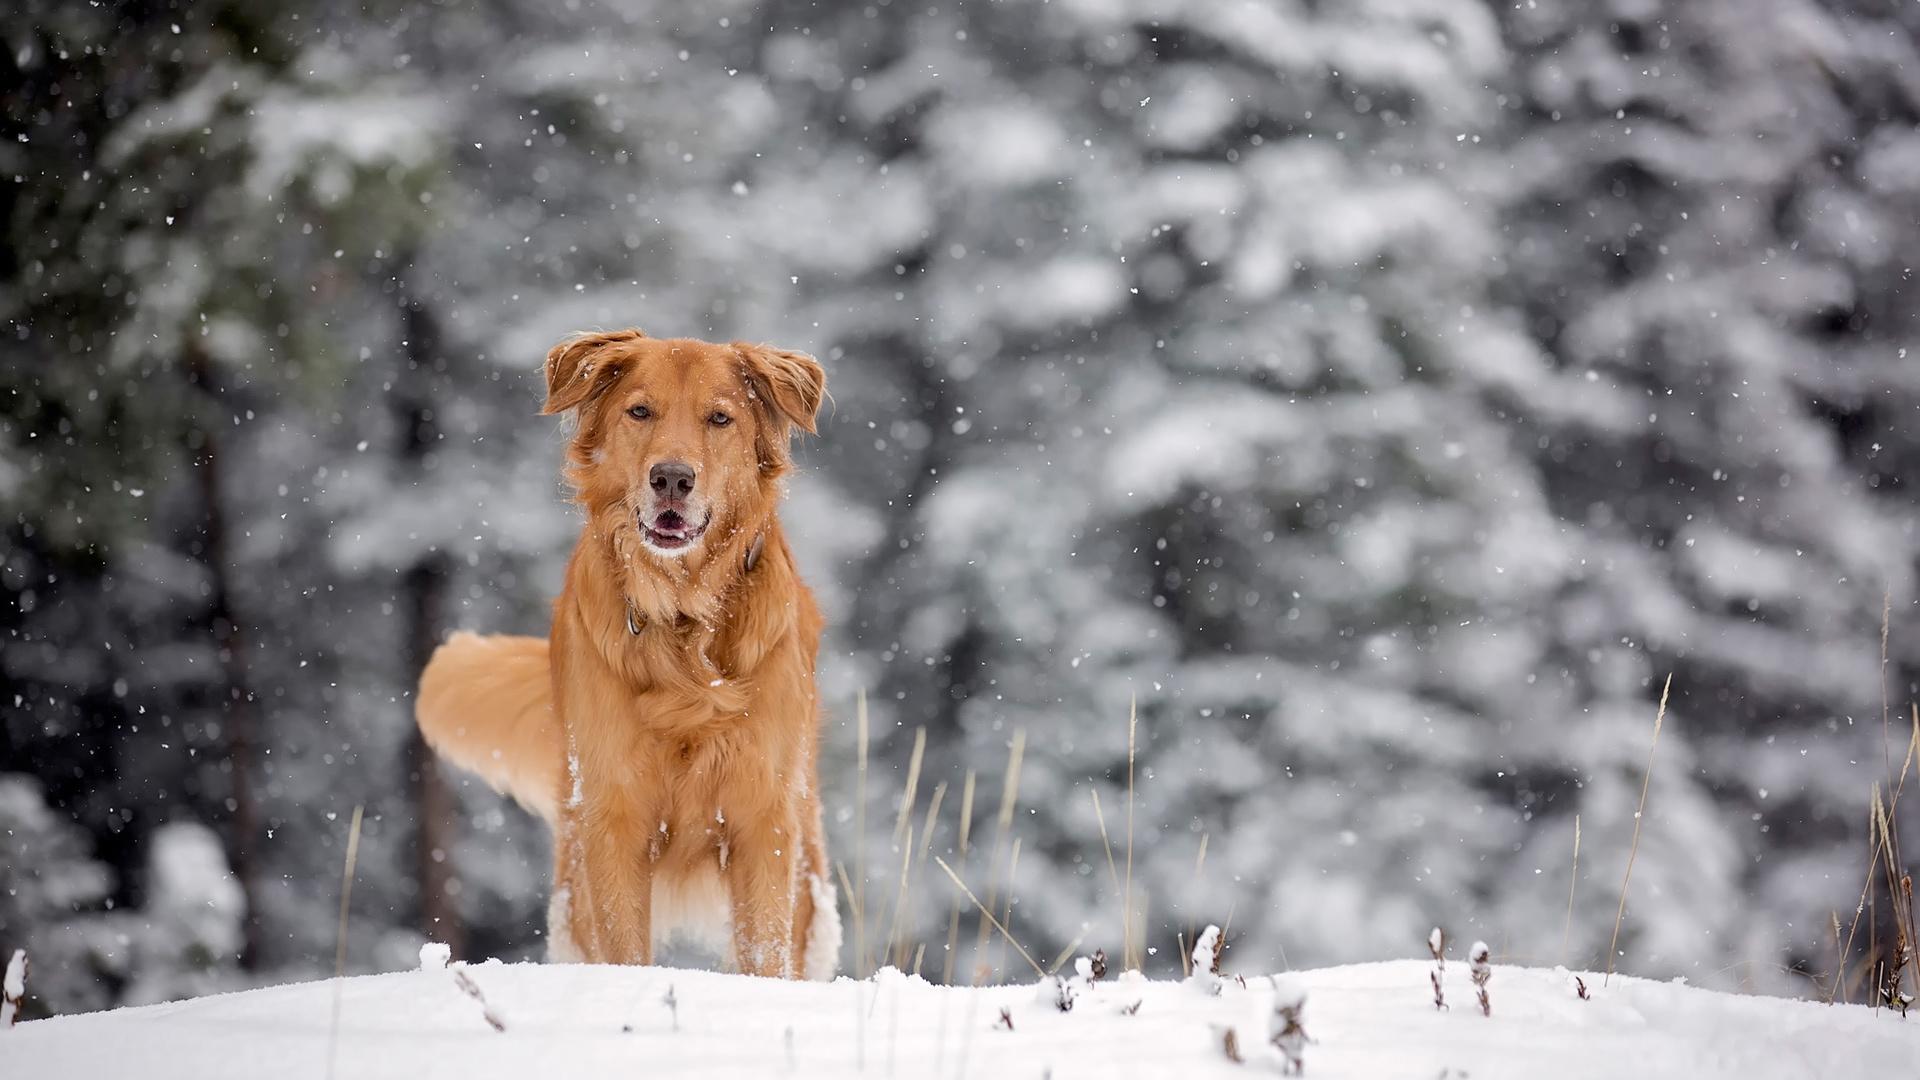 записывает фотки собачки в снегу помню как